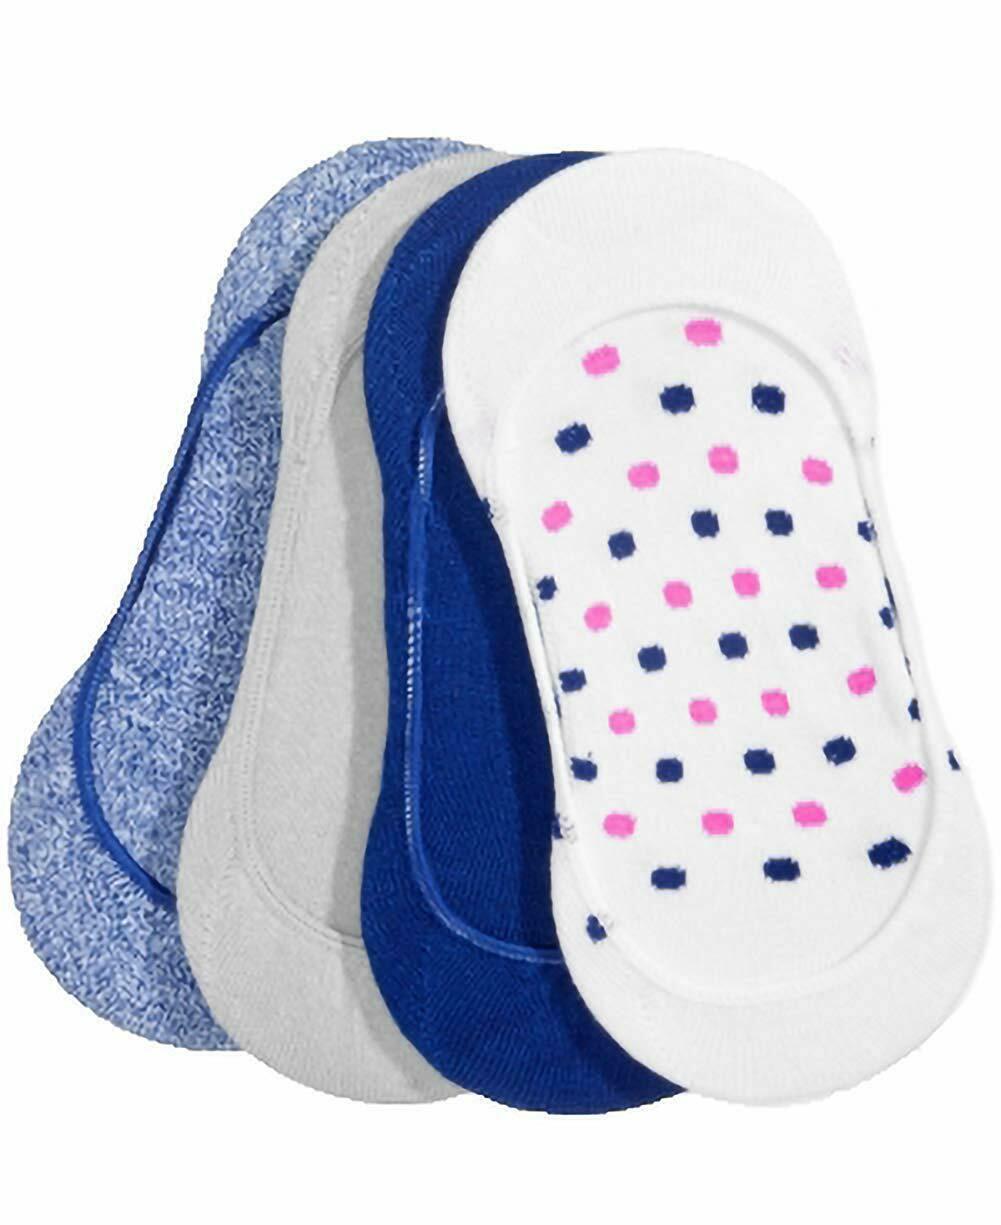 HUE 4-Pack Low Cut Women's Liner Socks Blue Print White Gray OSFM NEW